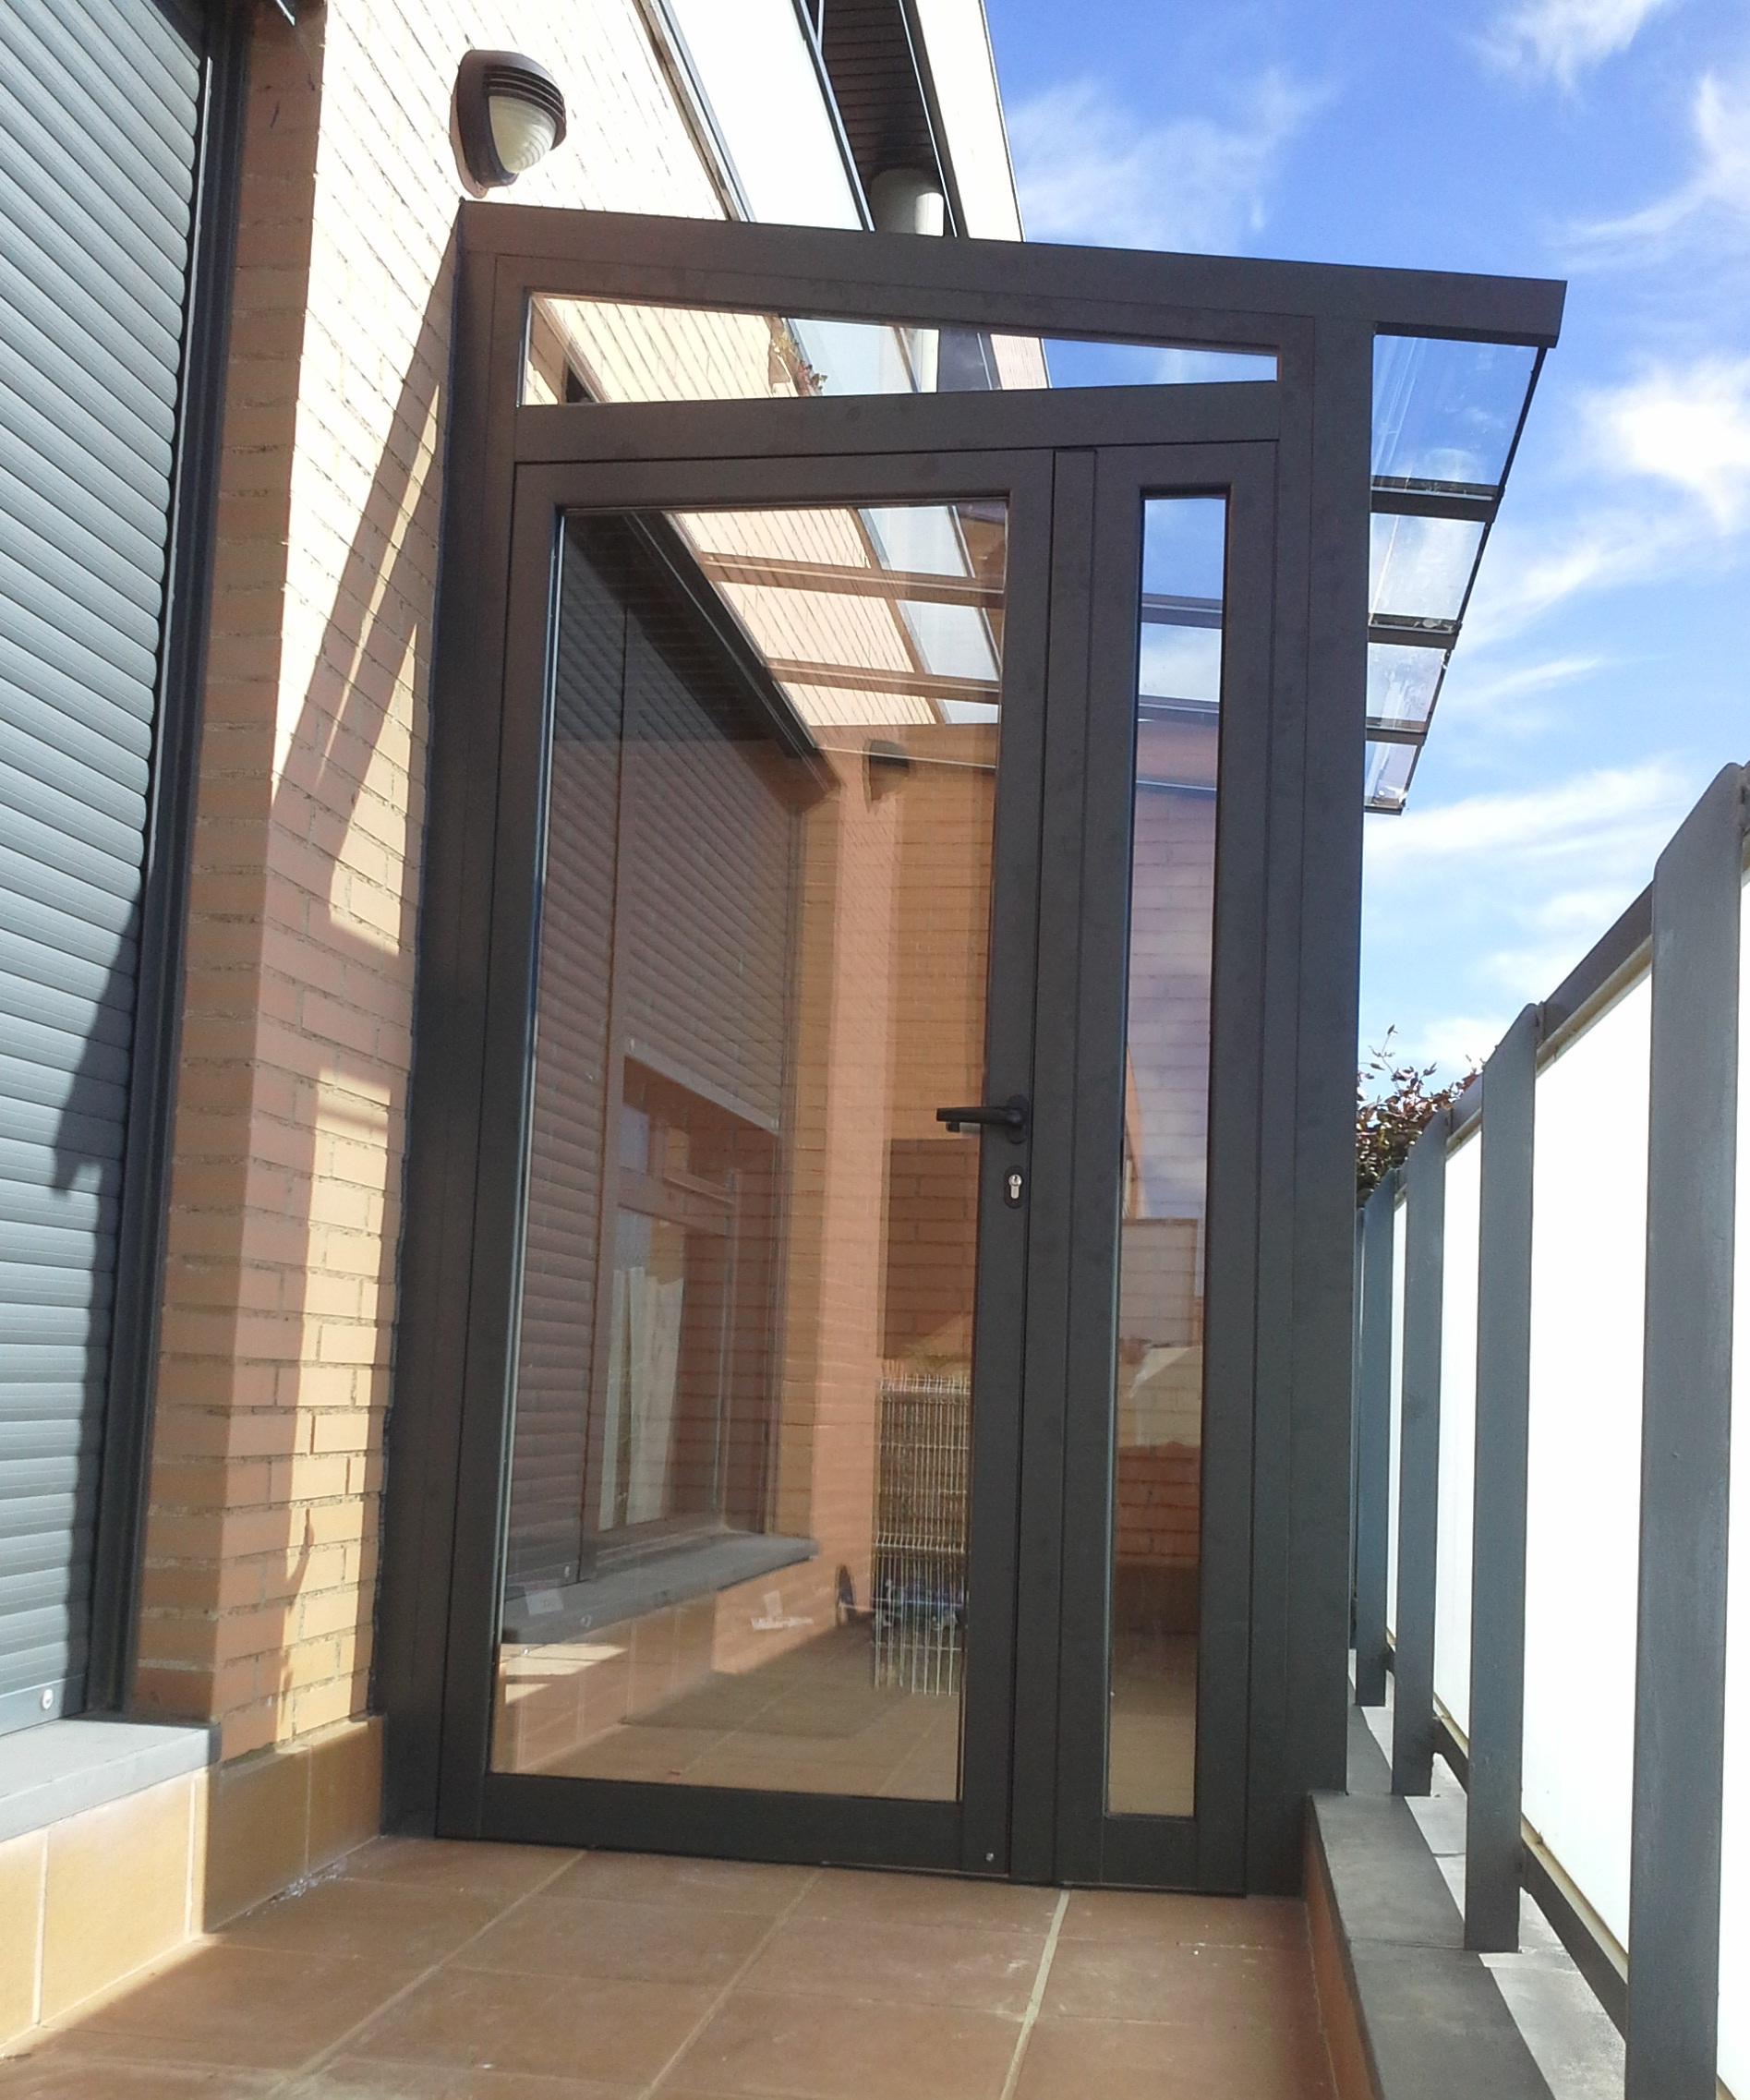 Cerramientos de aluminio montajes de aluminio dg - Puertas para cerramientos ...